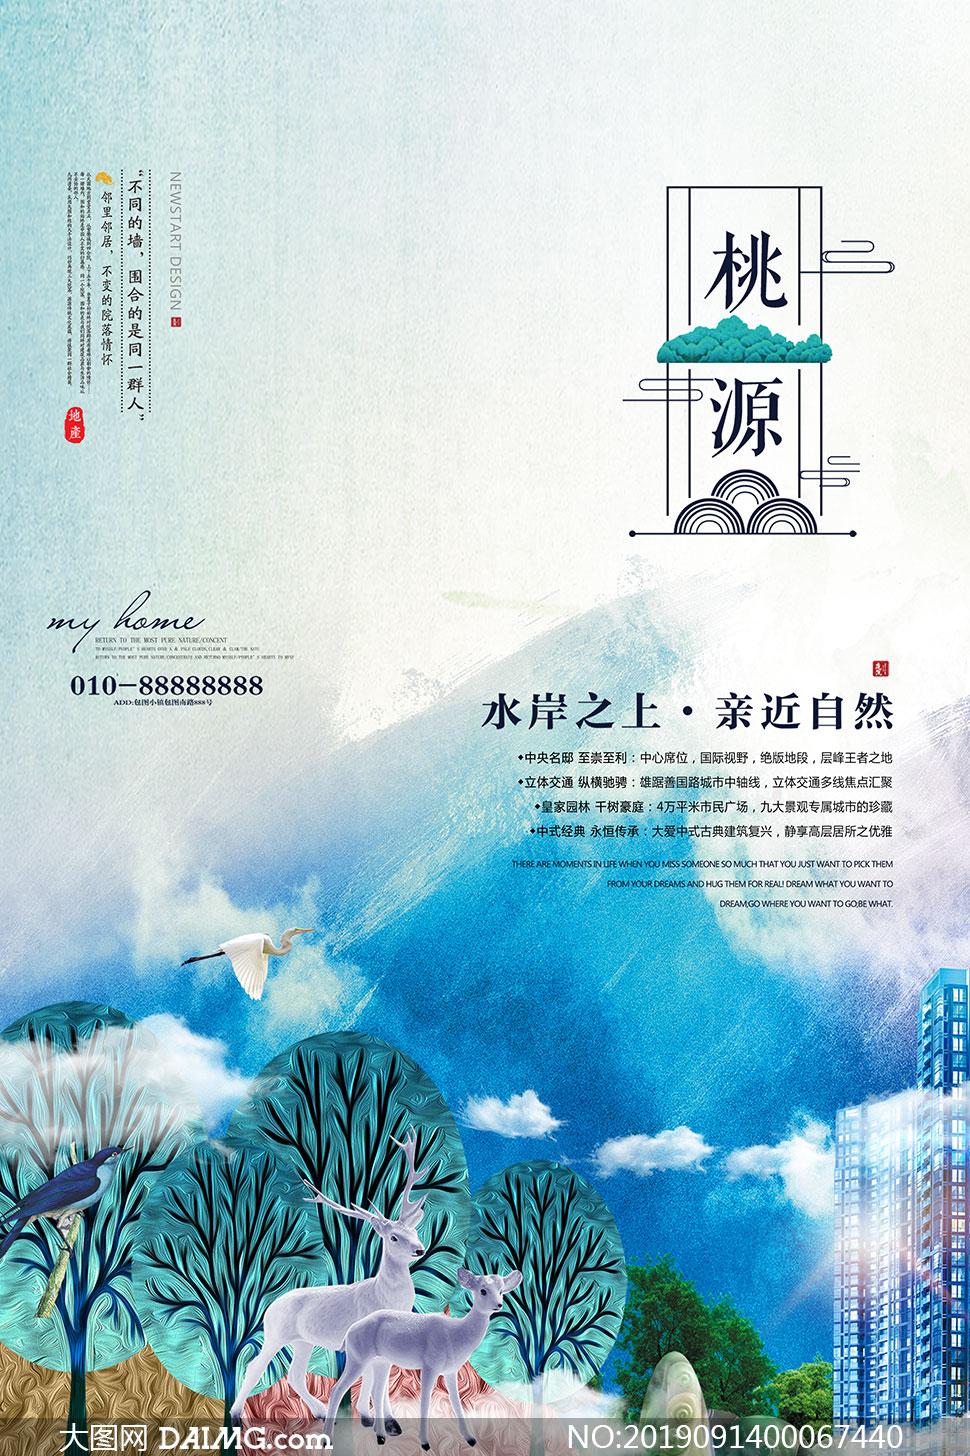 中国风水彩地产宣传单设计PSD素材